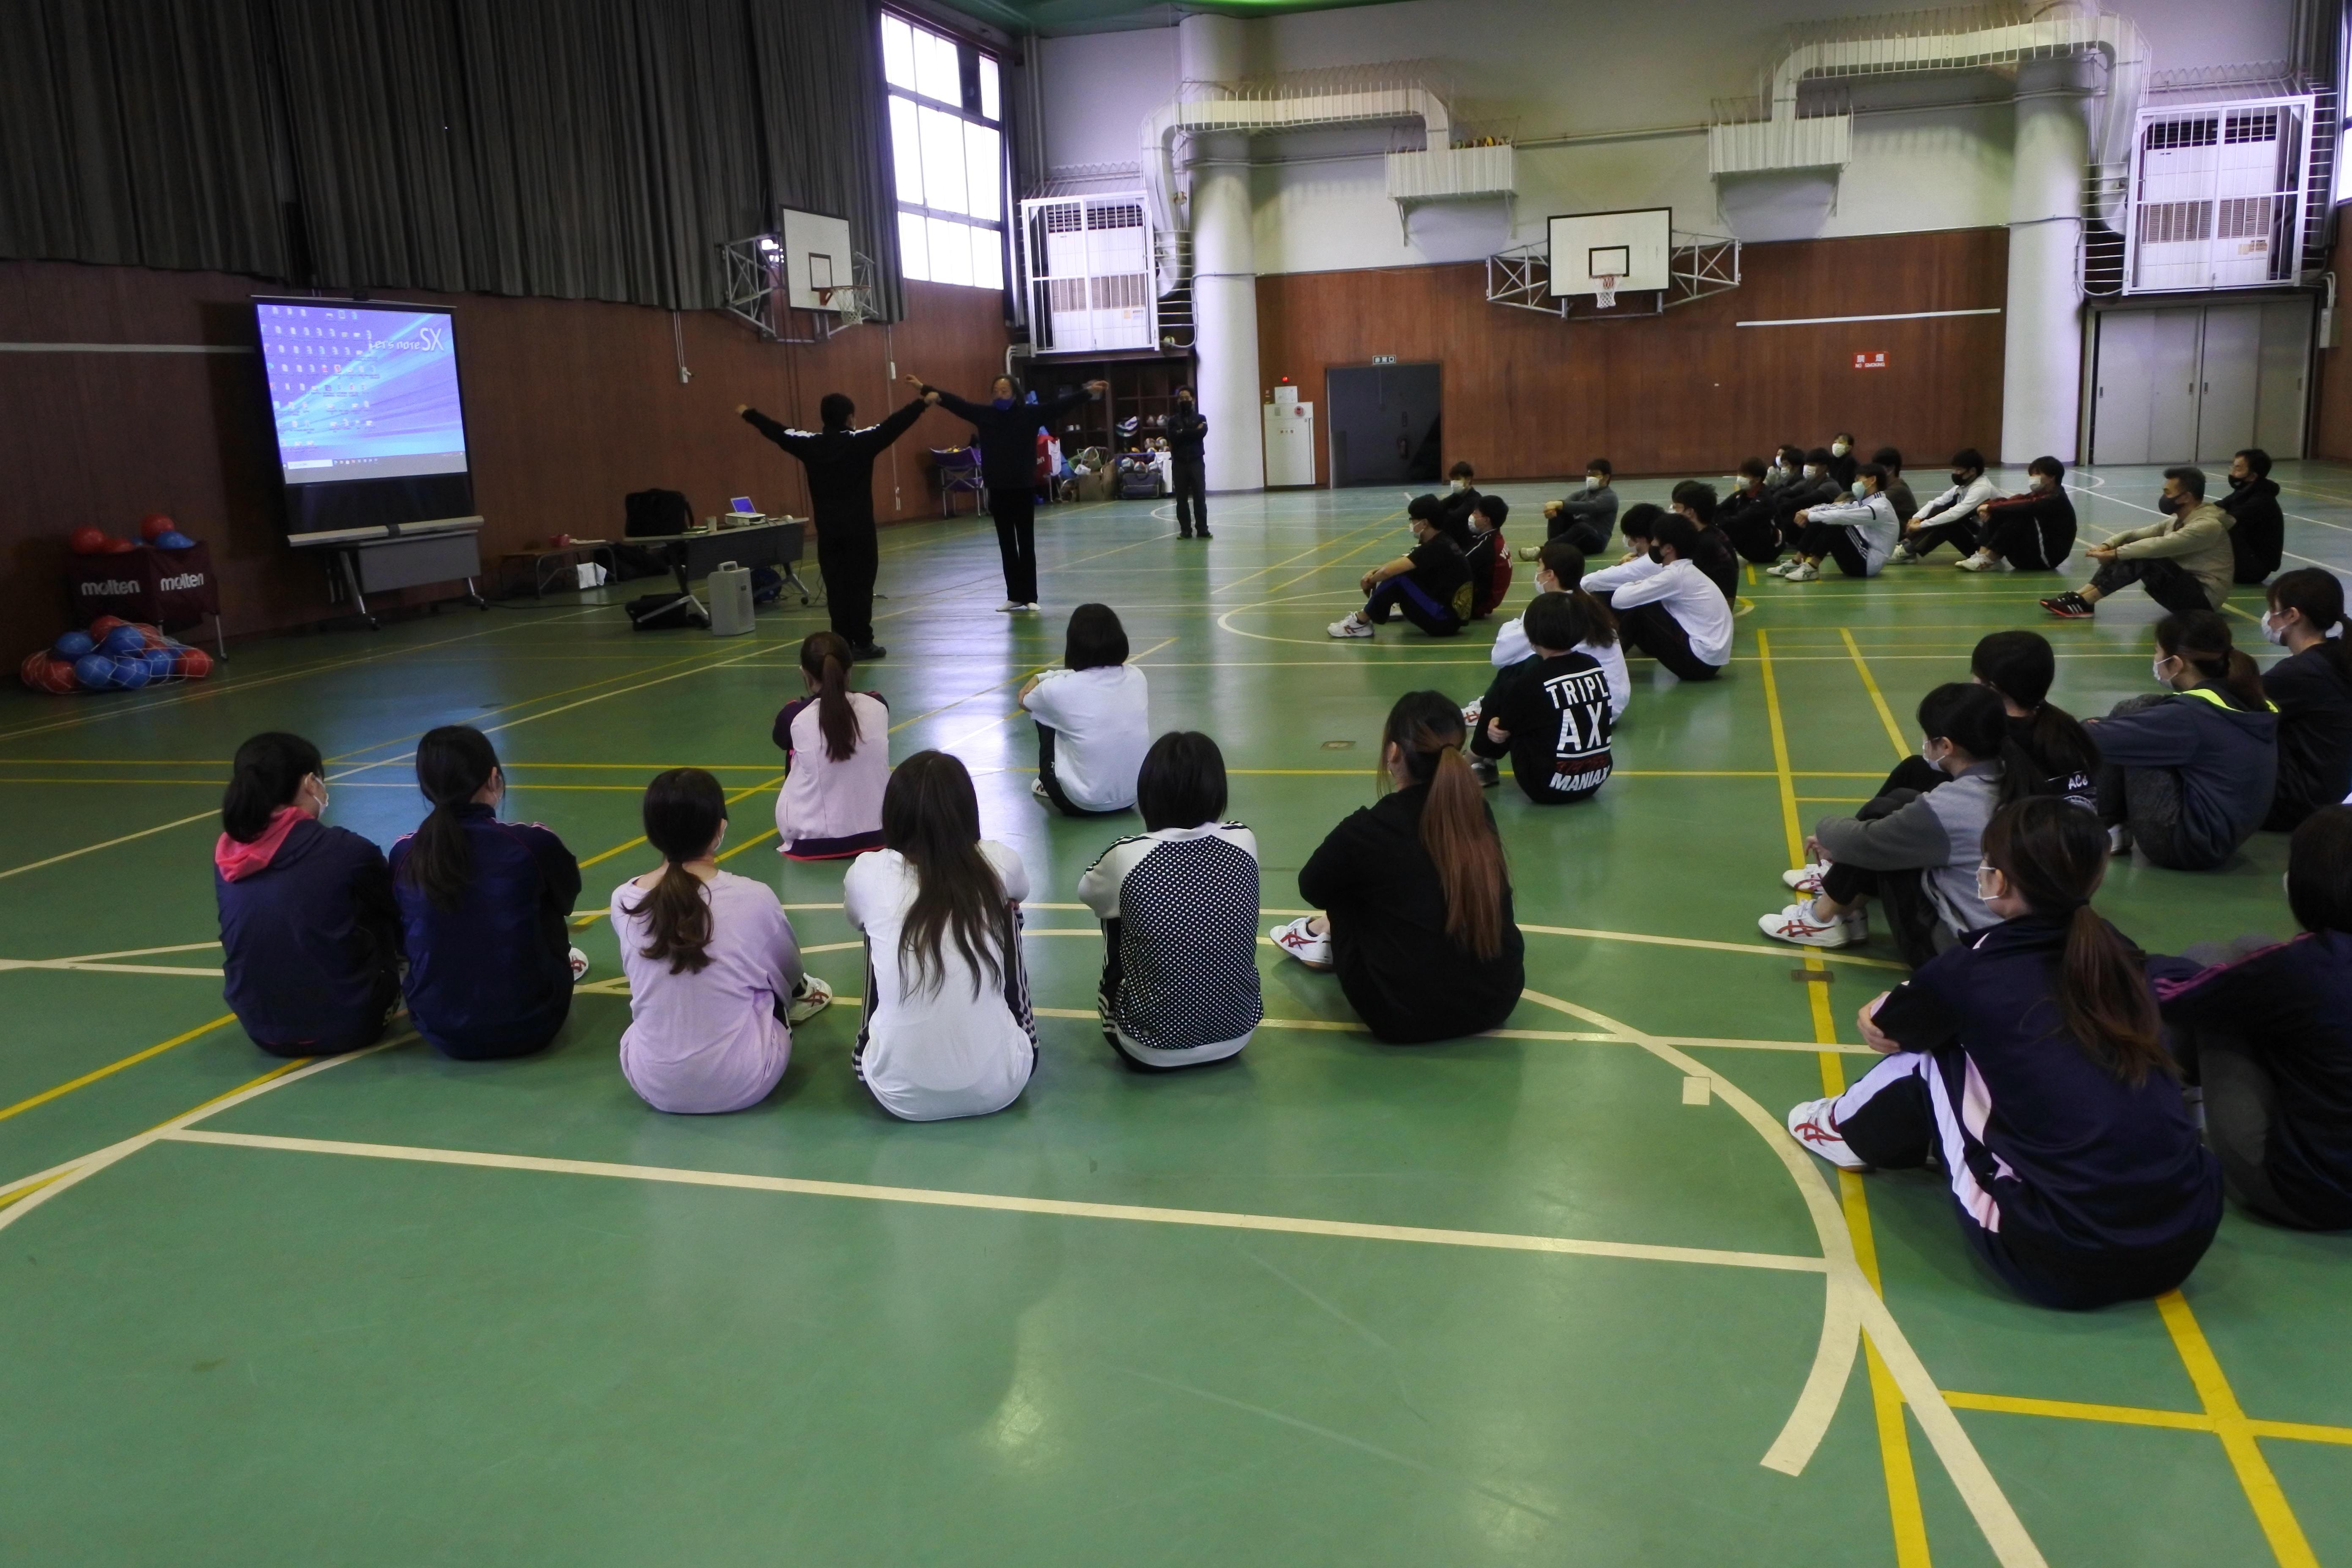 新型コロナウイルス感染症対策をとって開催された講習会